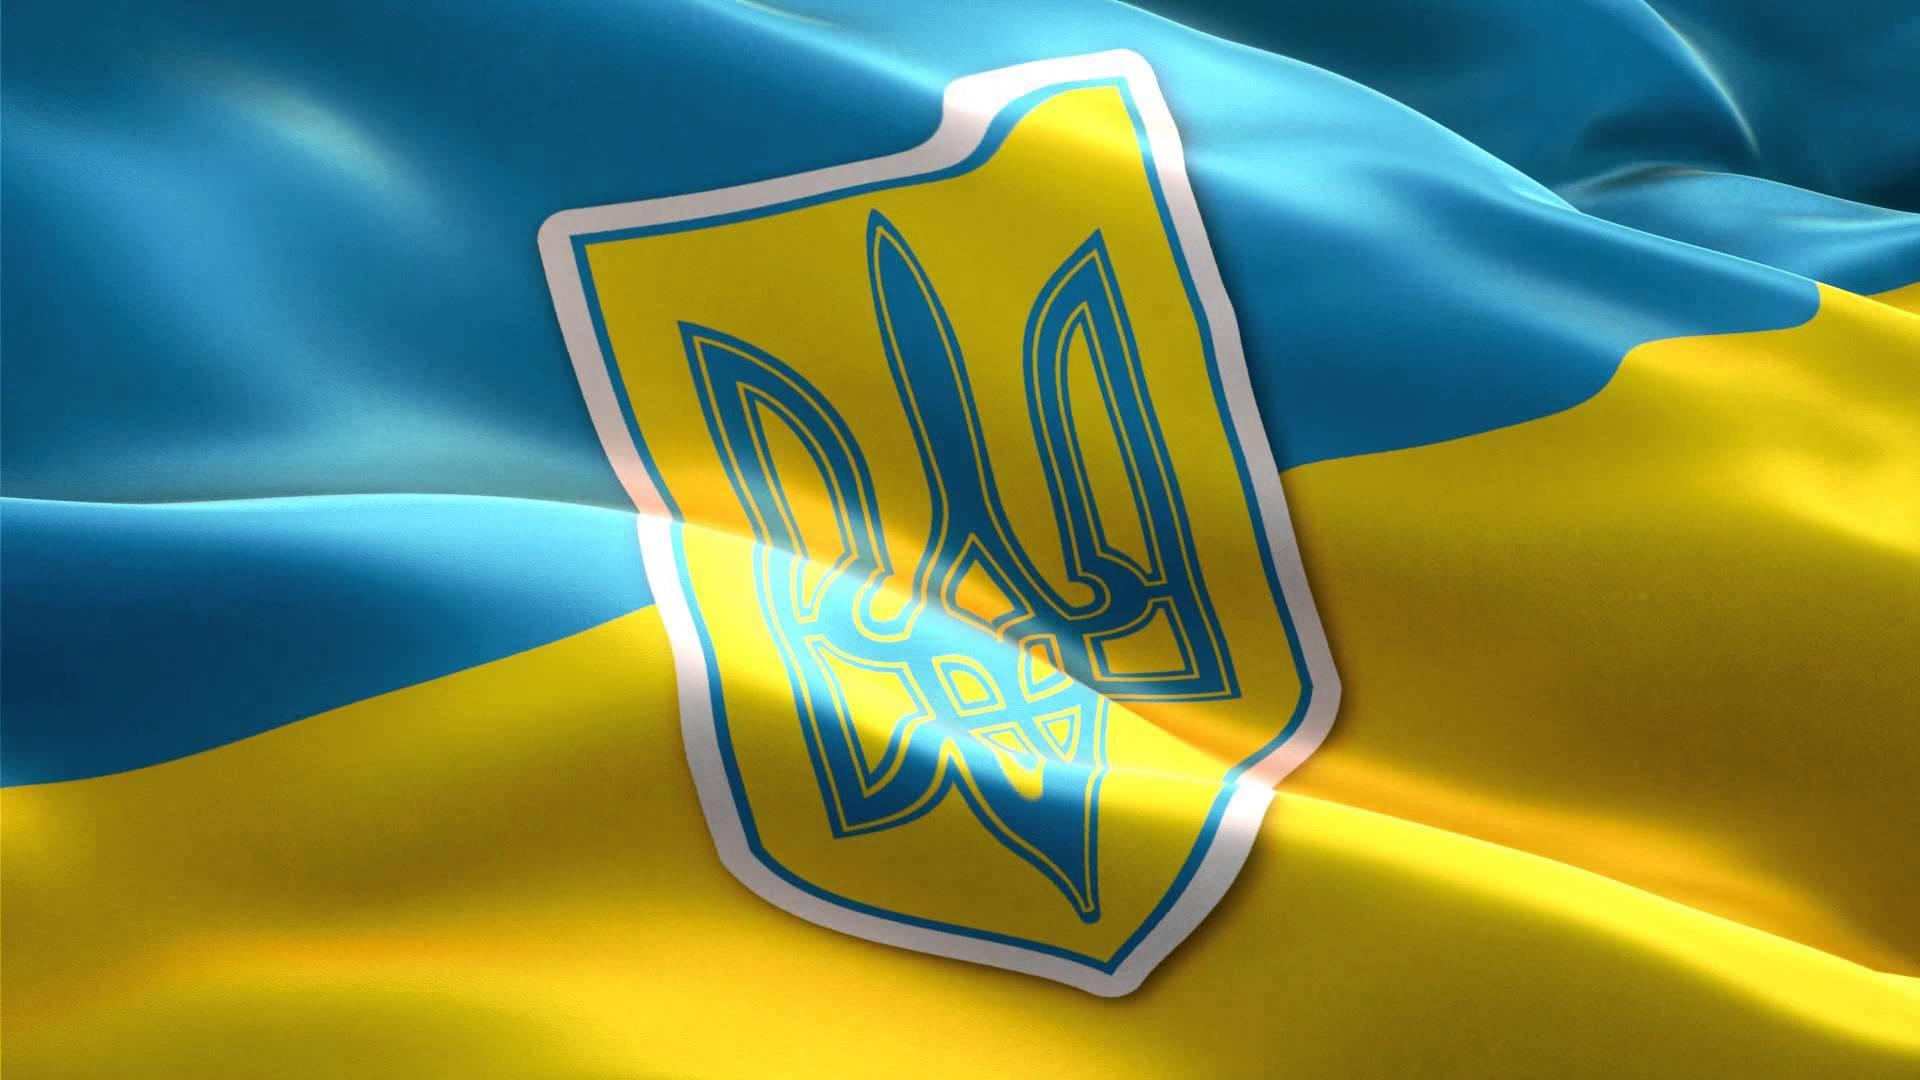 Обои для рабочего стола патриотические украина